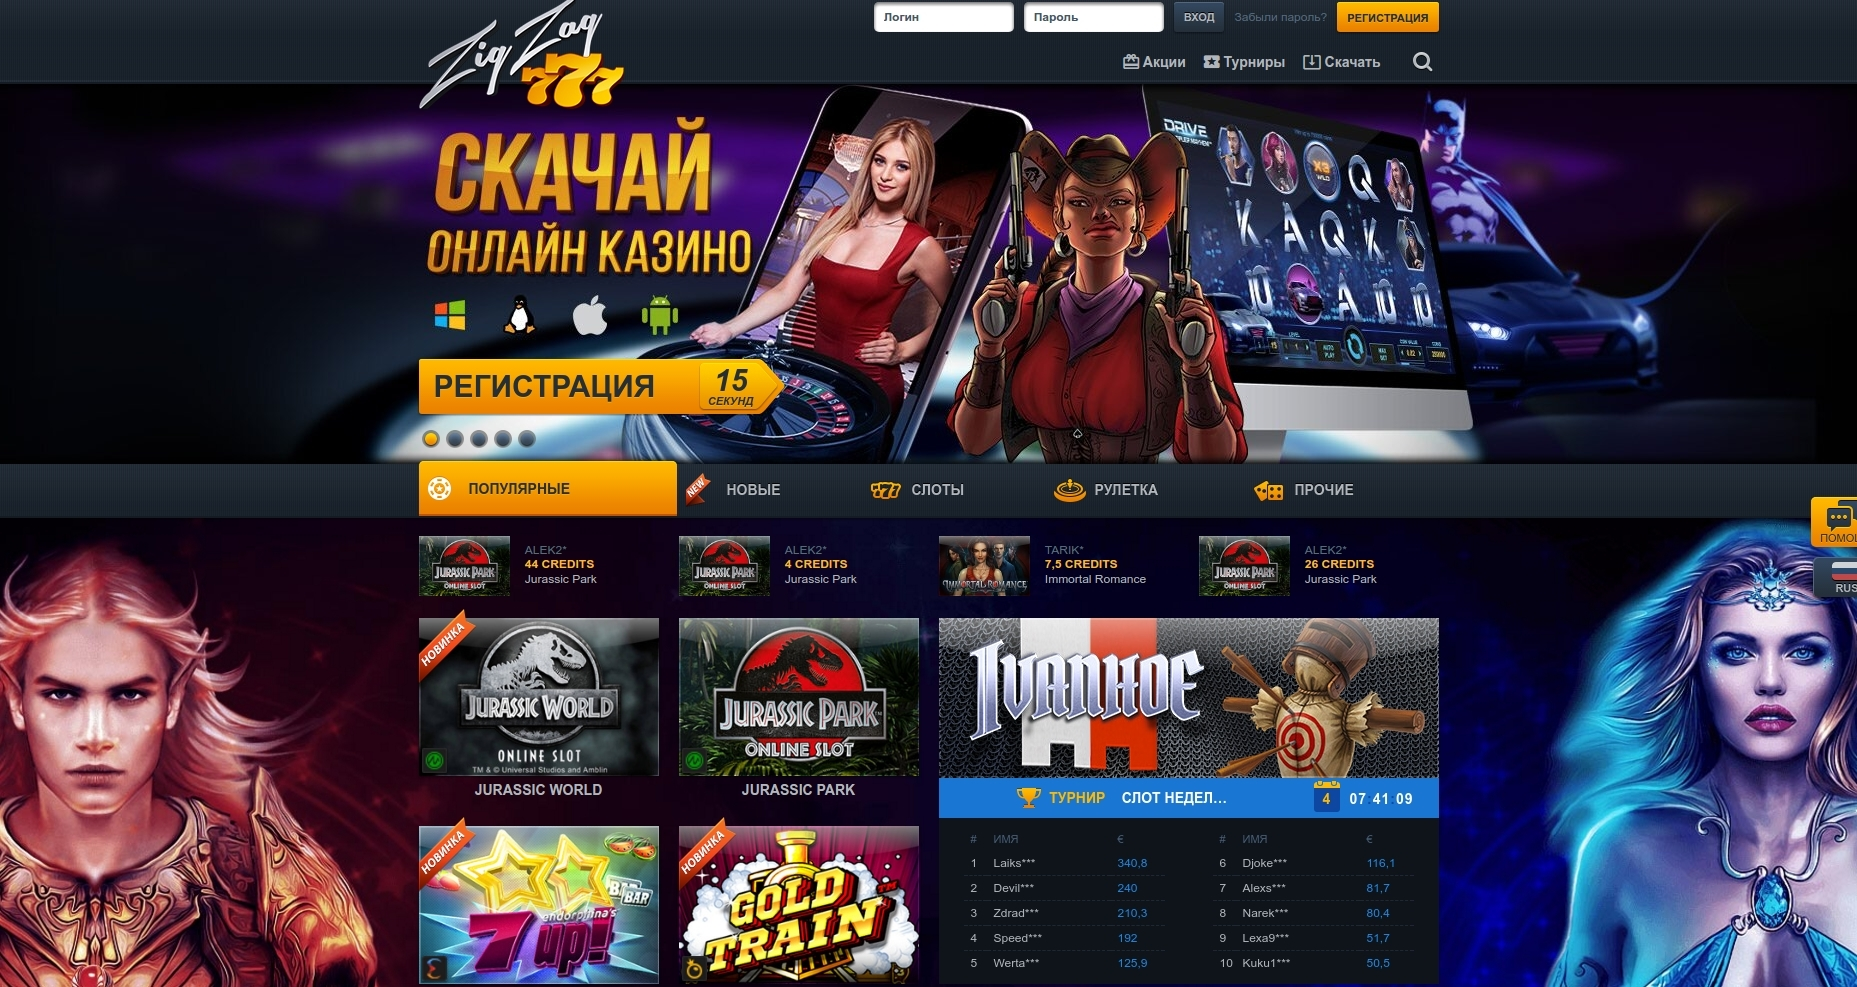 казино онлайн зигзаг777 как зайти на сайт